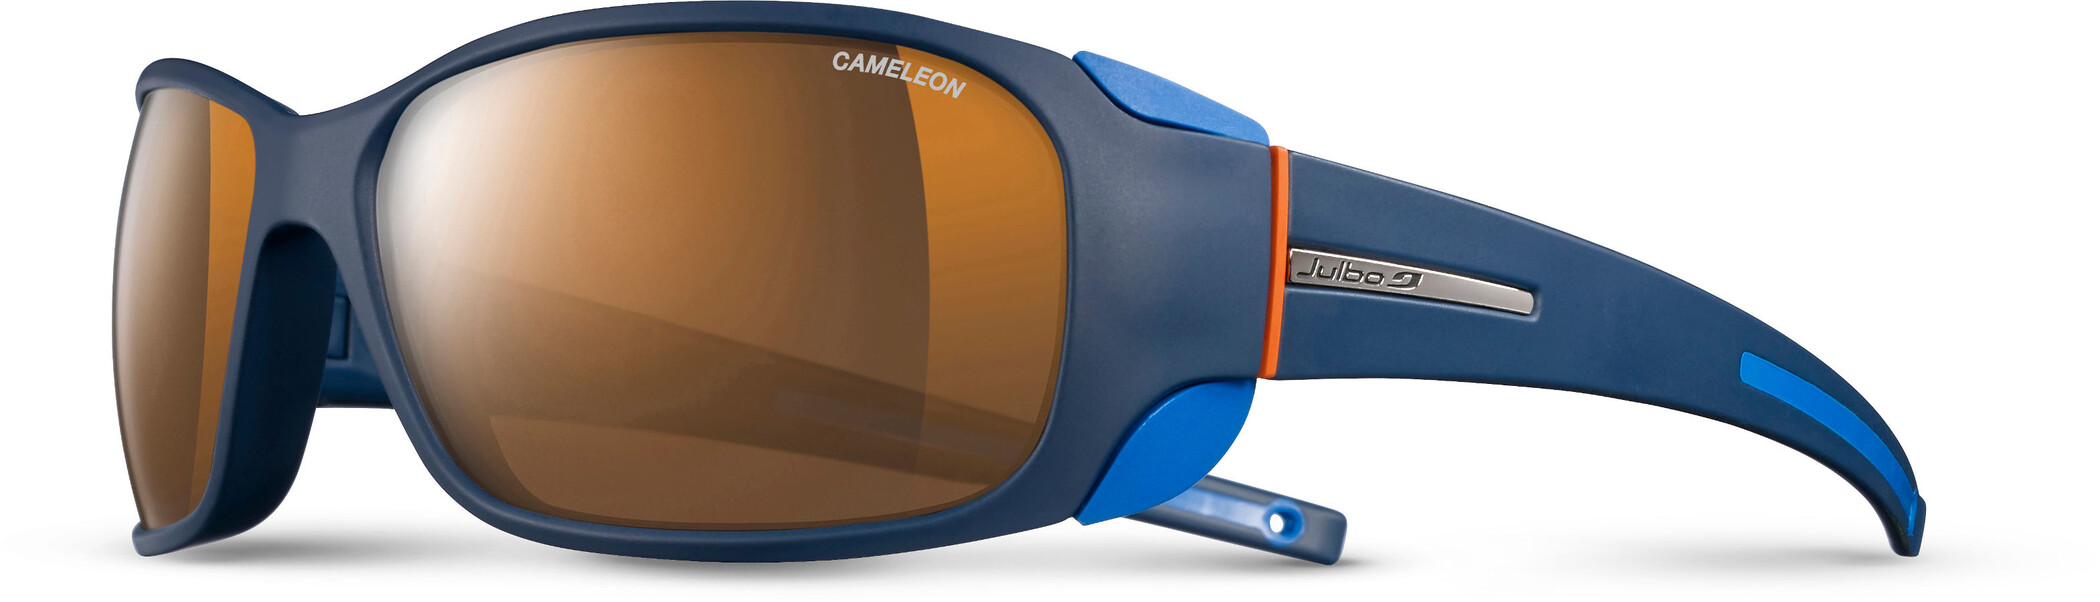 Julbo Montebianco Cameleon Solbriller, blue/blue/orange-brown | Briller